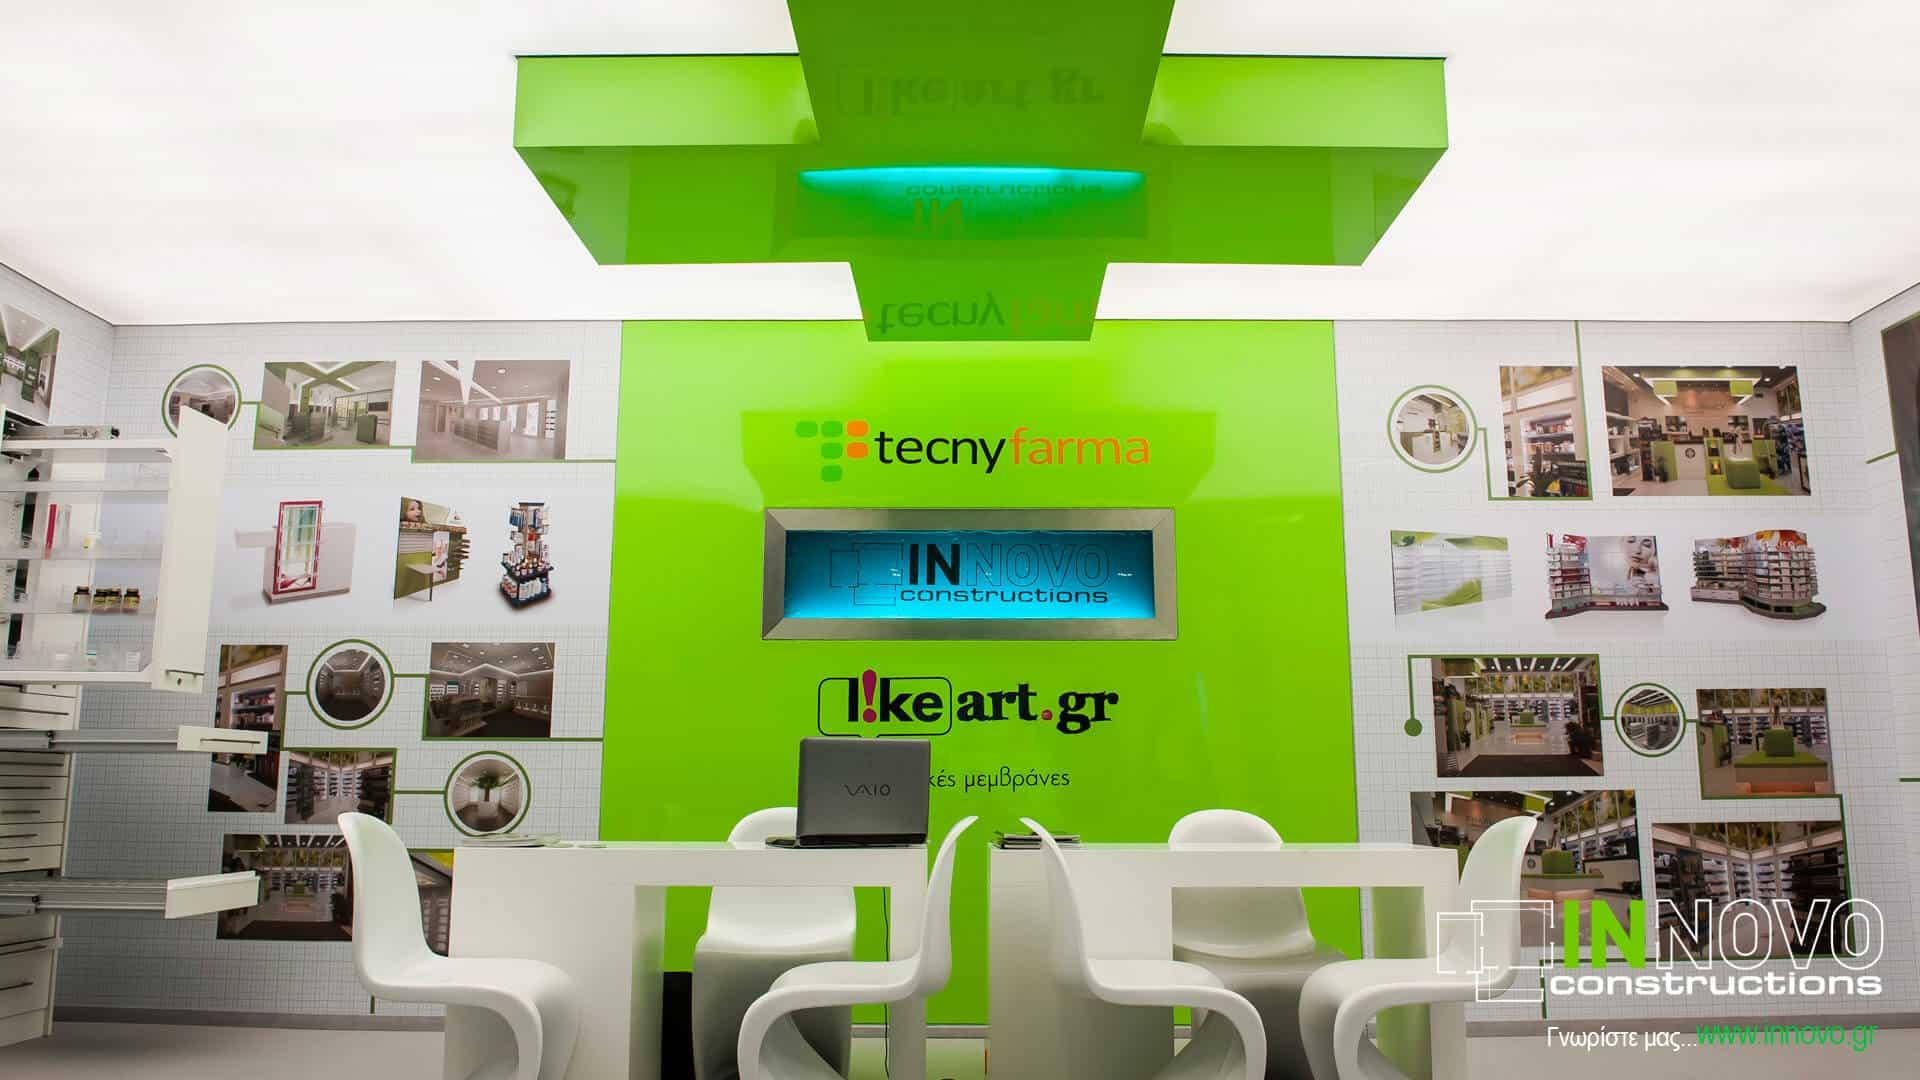 kataskevi-peripterou-exhibition-stand-construction-periptero-mas-hellaspharm2012